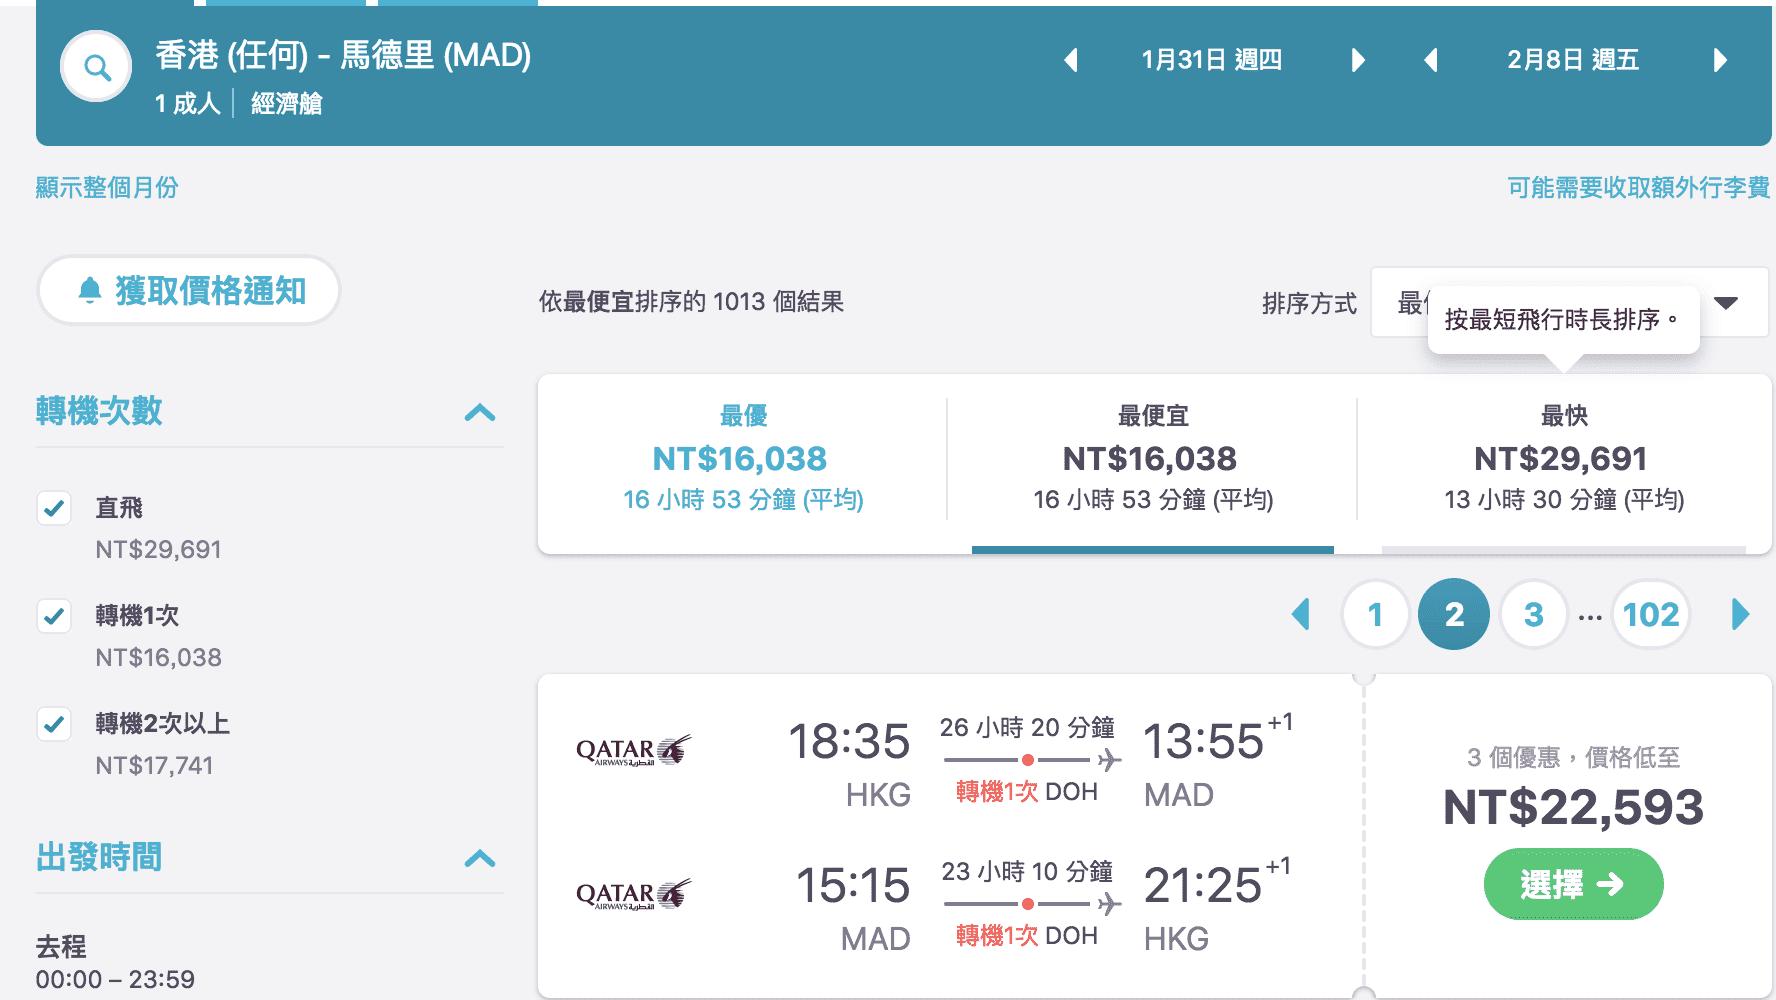 即時熱門文章:2019過年卡達歐洲航線外站促銷~巴黎、米蘭、布拉格、都有不錯票價~有需要的人要認真考慮~(查價:107.3.28)